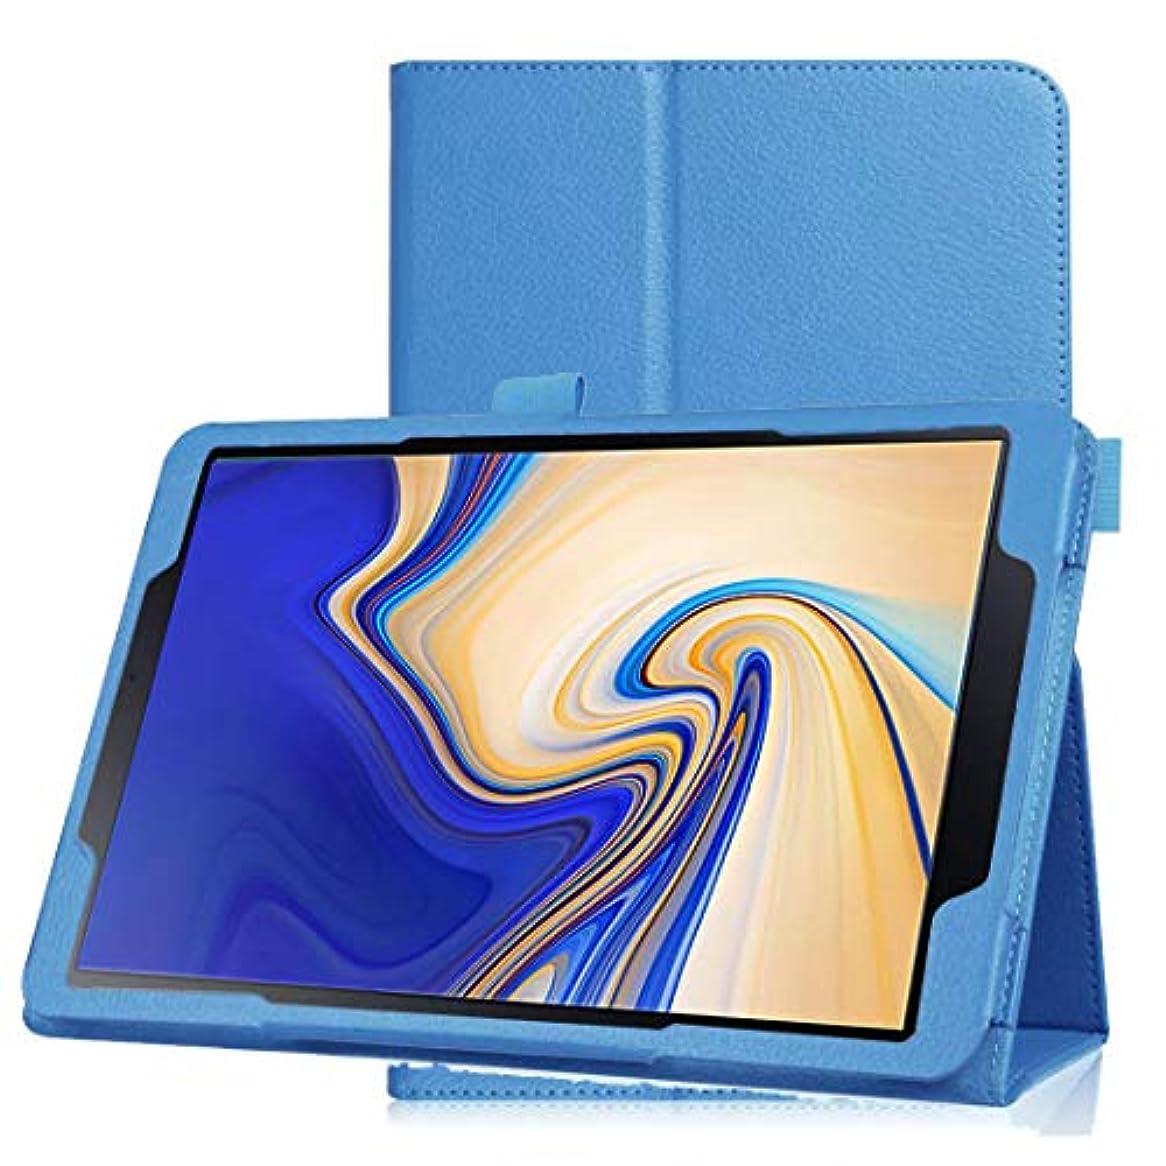 混合したインサートギャングGalaxy tab a 10.5 全面保護ケース INorton 本革ケース スタンド機能 衝撃吸収 PUレザー 軽量薄型 排熱性アップ ソフトケース T830 T835対応